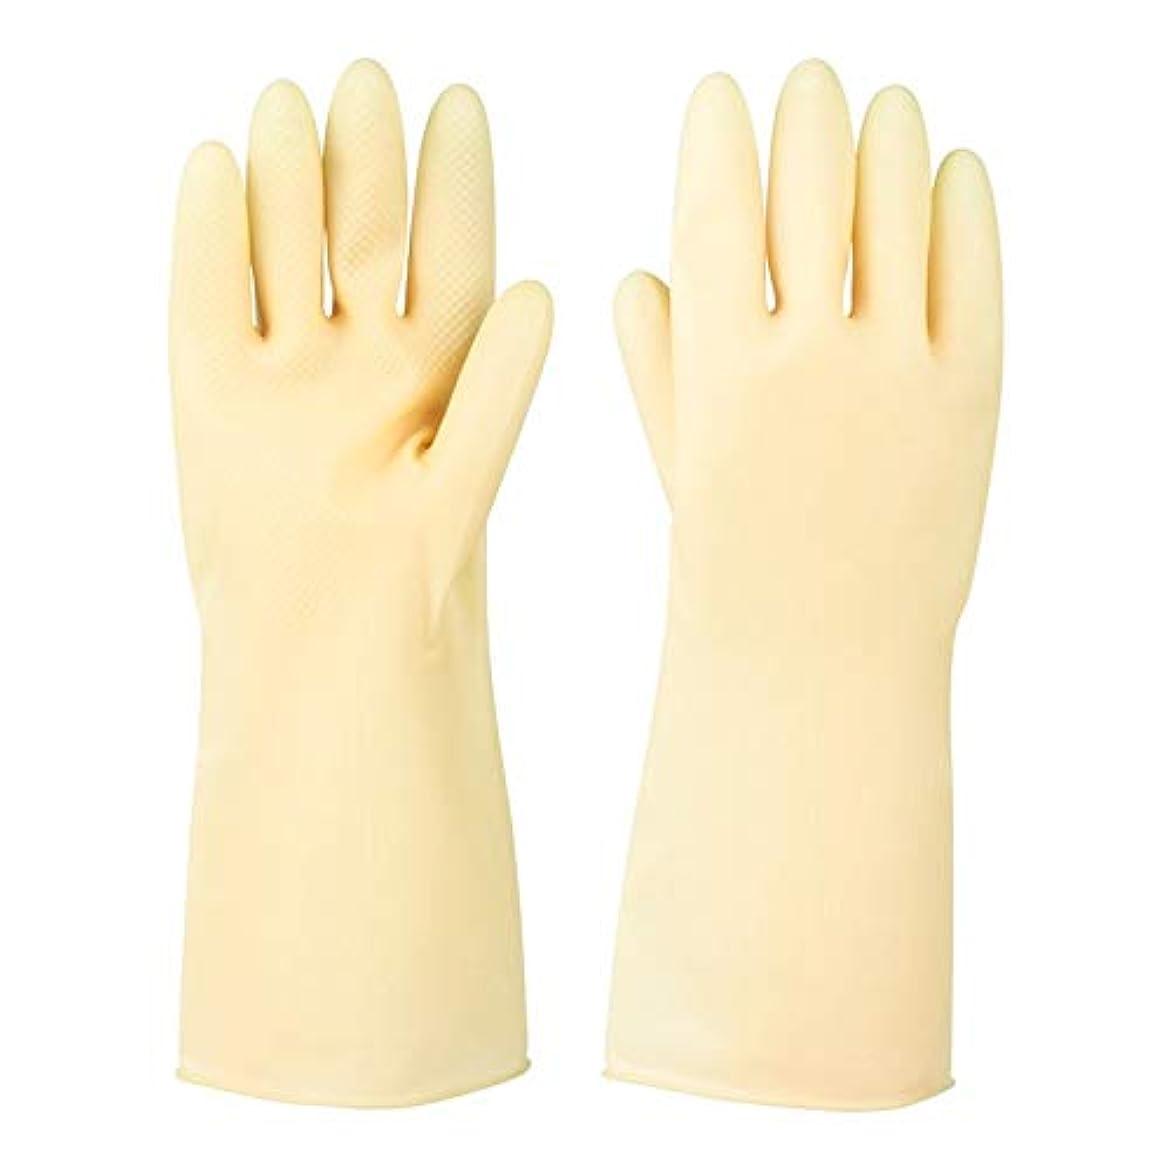 認証ドラッグ子供っぽい使い捨て手袋 ラバーレザーグローブ厚めの滑り止め耐摩耗性防水保護手袋、5ペア ニトリルゴム手袋 (Color : 5 pair, Size : S)